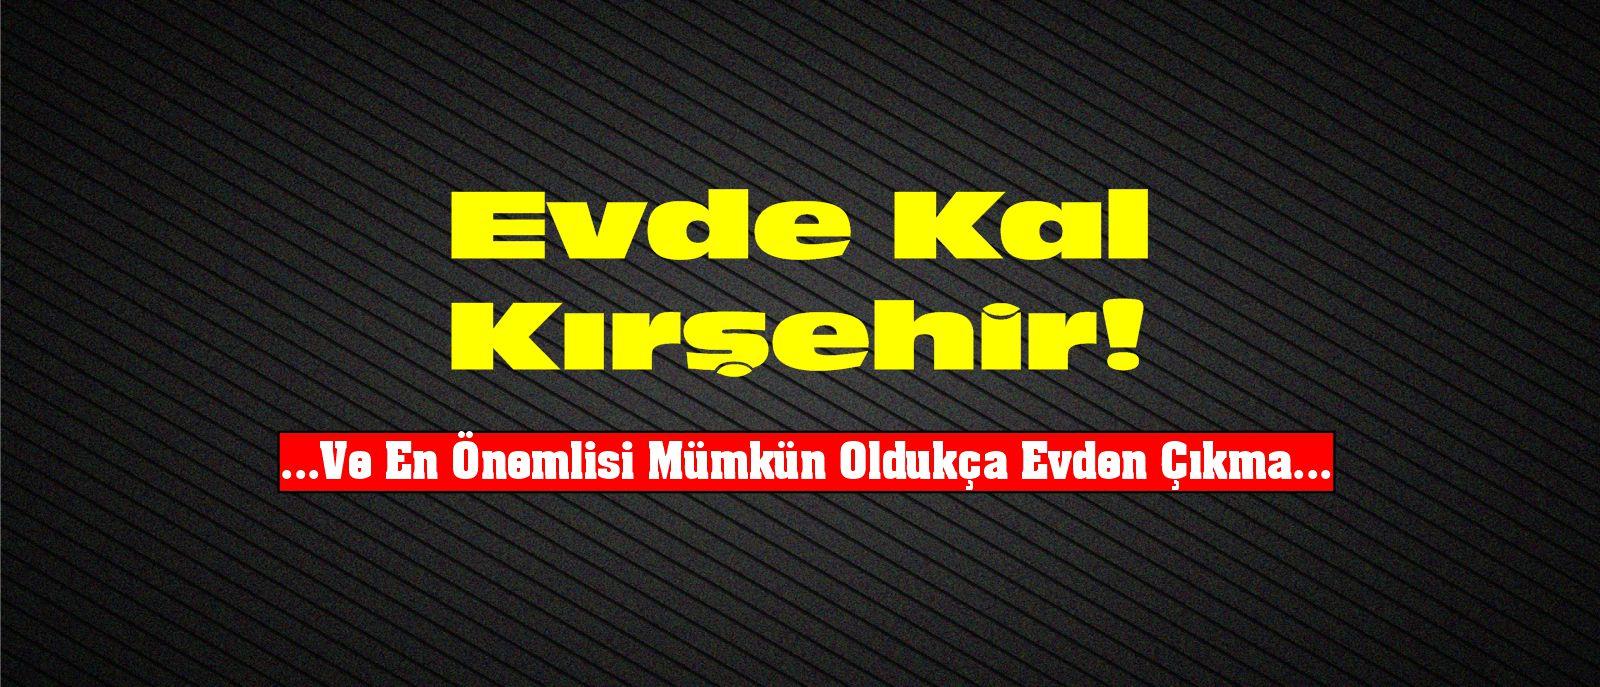 Evde Kal Kırşehir